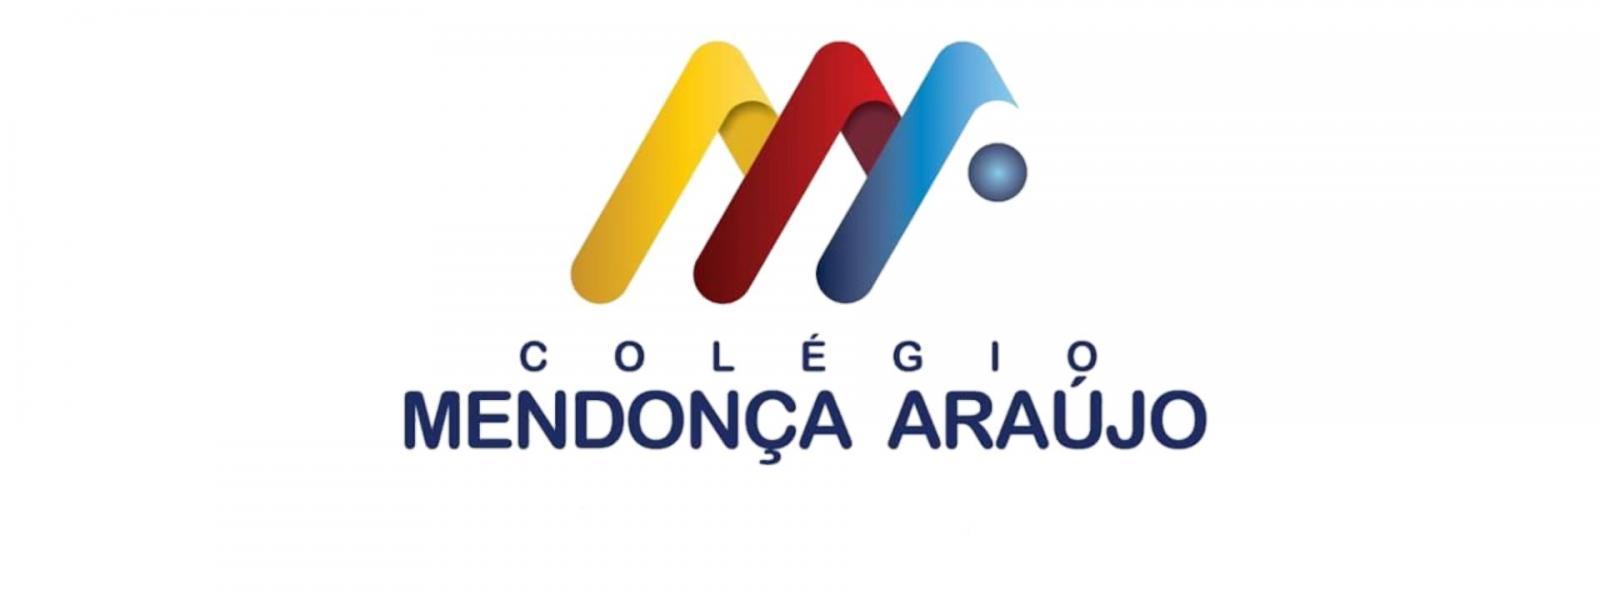 Mendonça Araújo